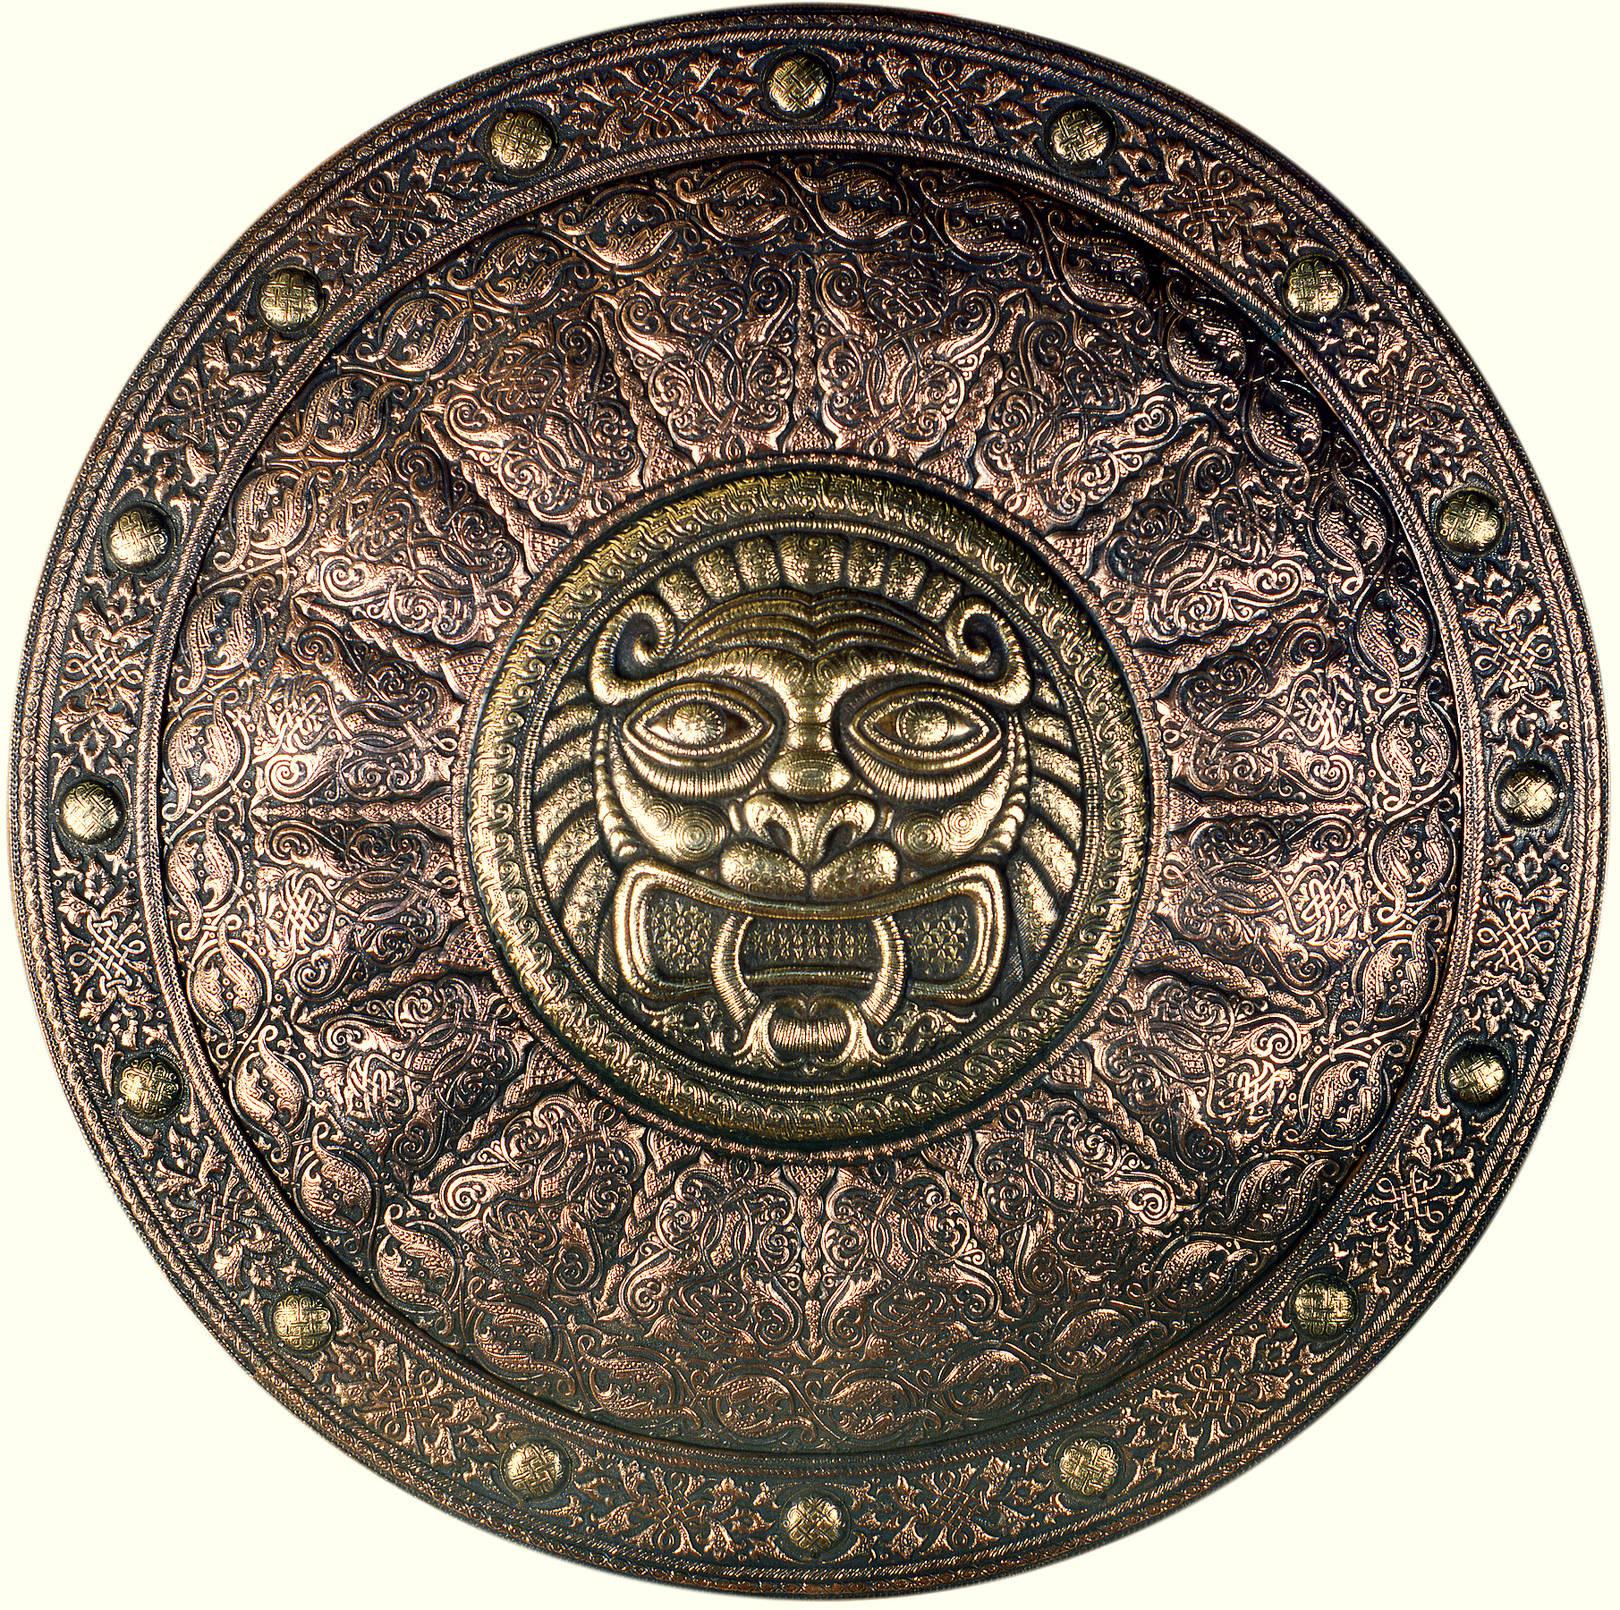 Древнерусский (декоративный щит) 1992 г. Медь, латунь; чернение 61 х61 см